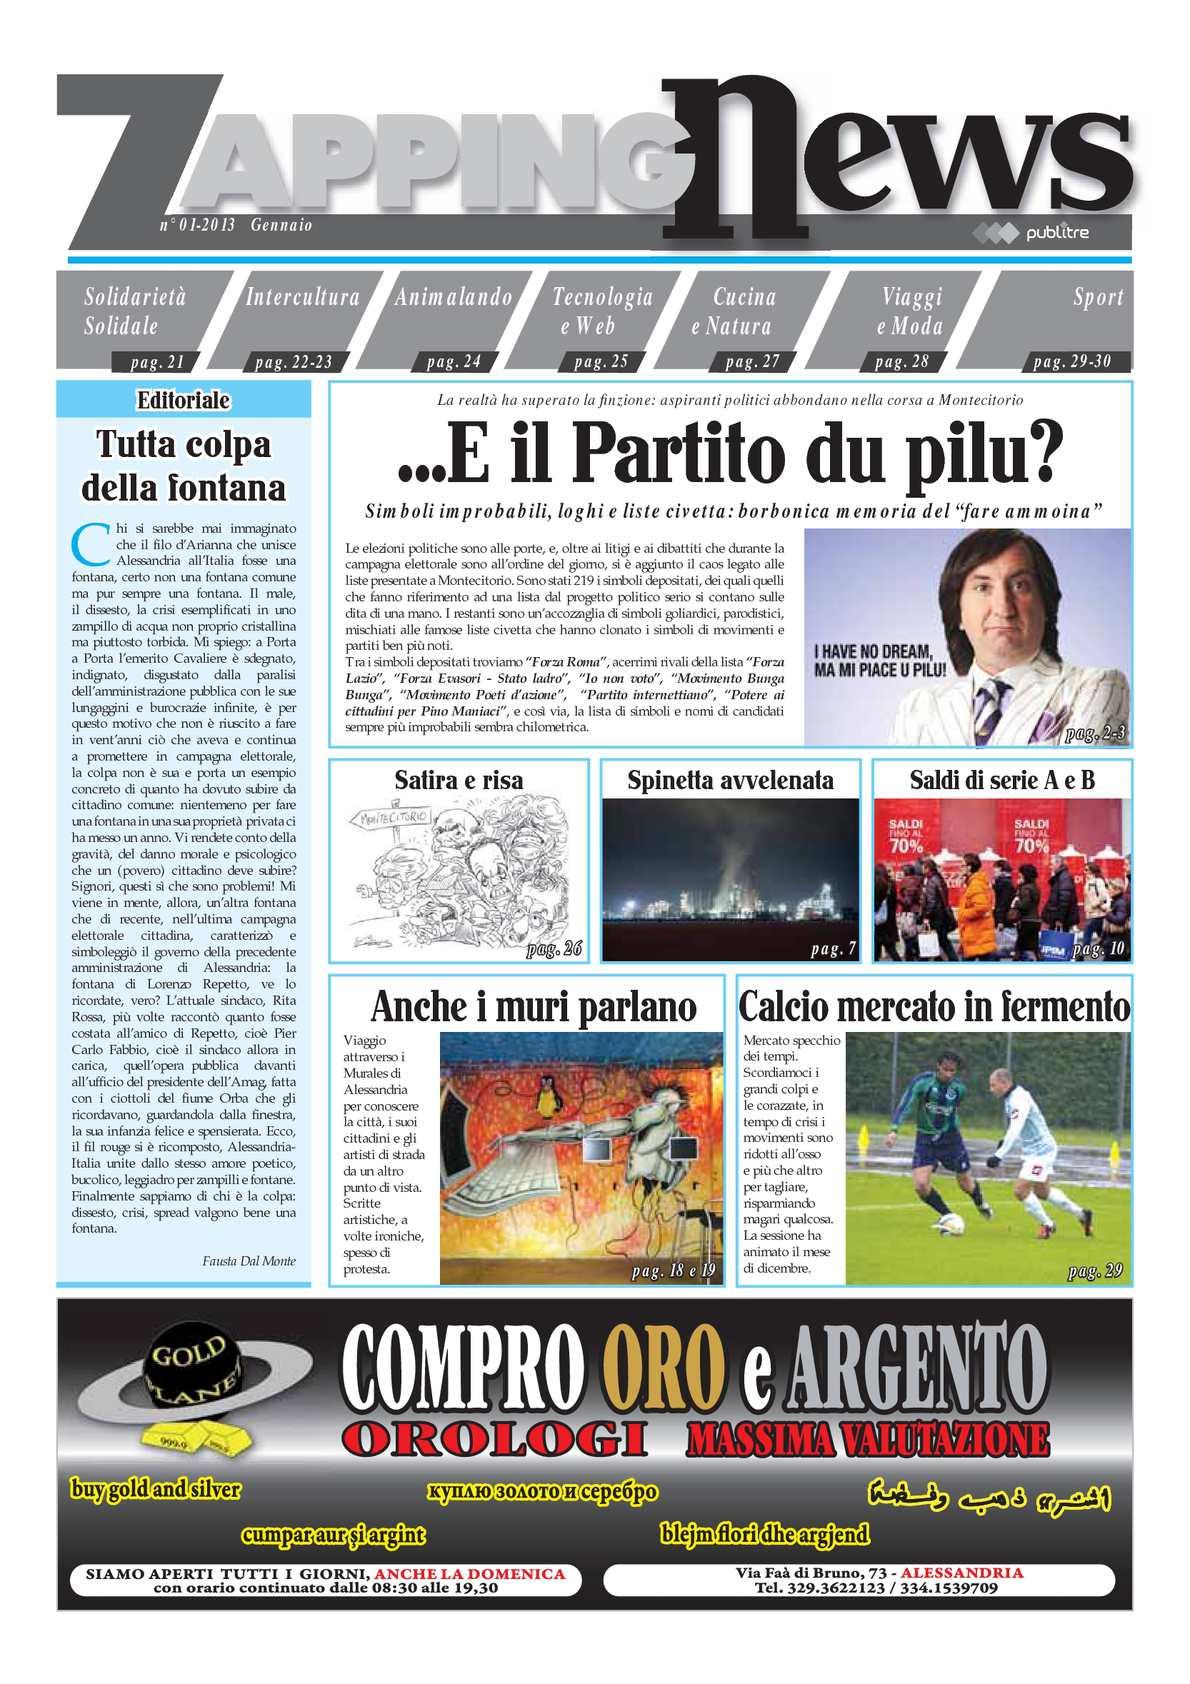 Calaméo 2013 ZAPPING NEWS USCITA 01 GENNAIO